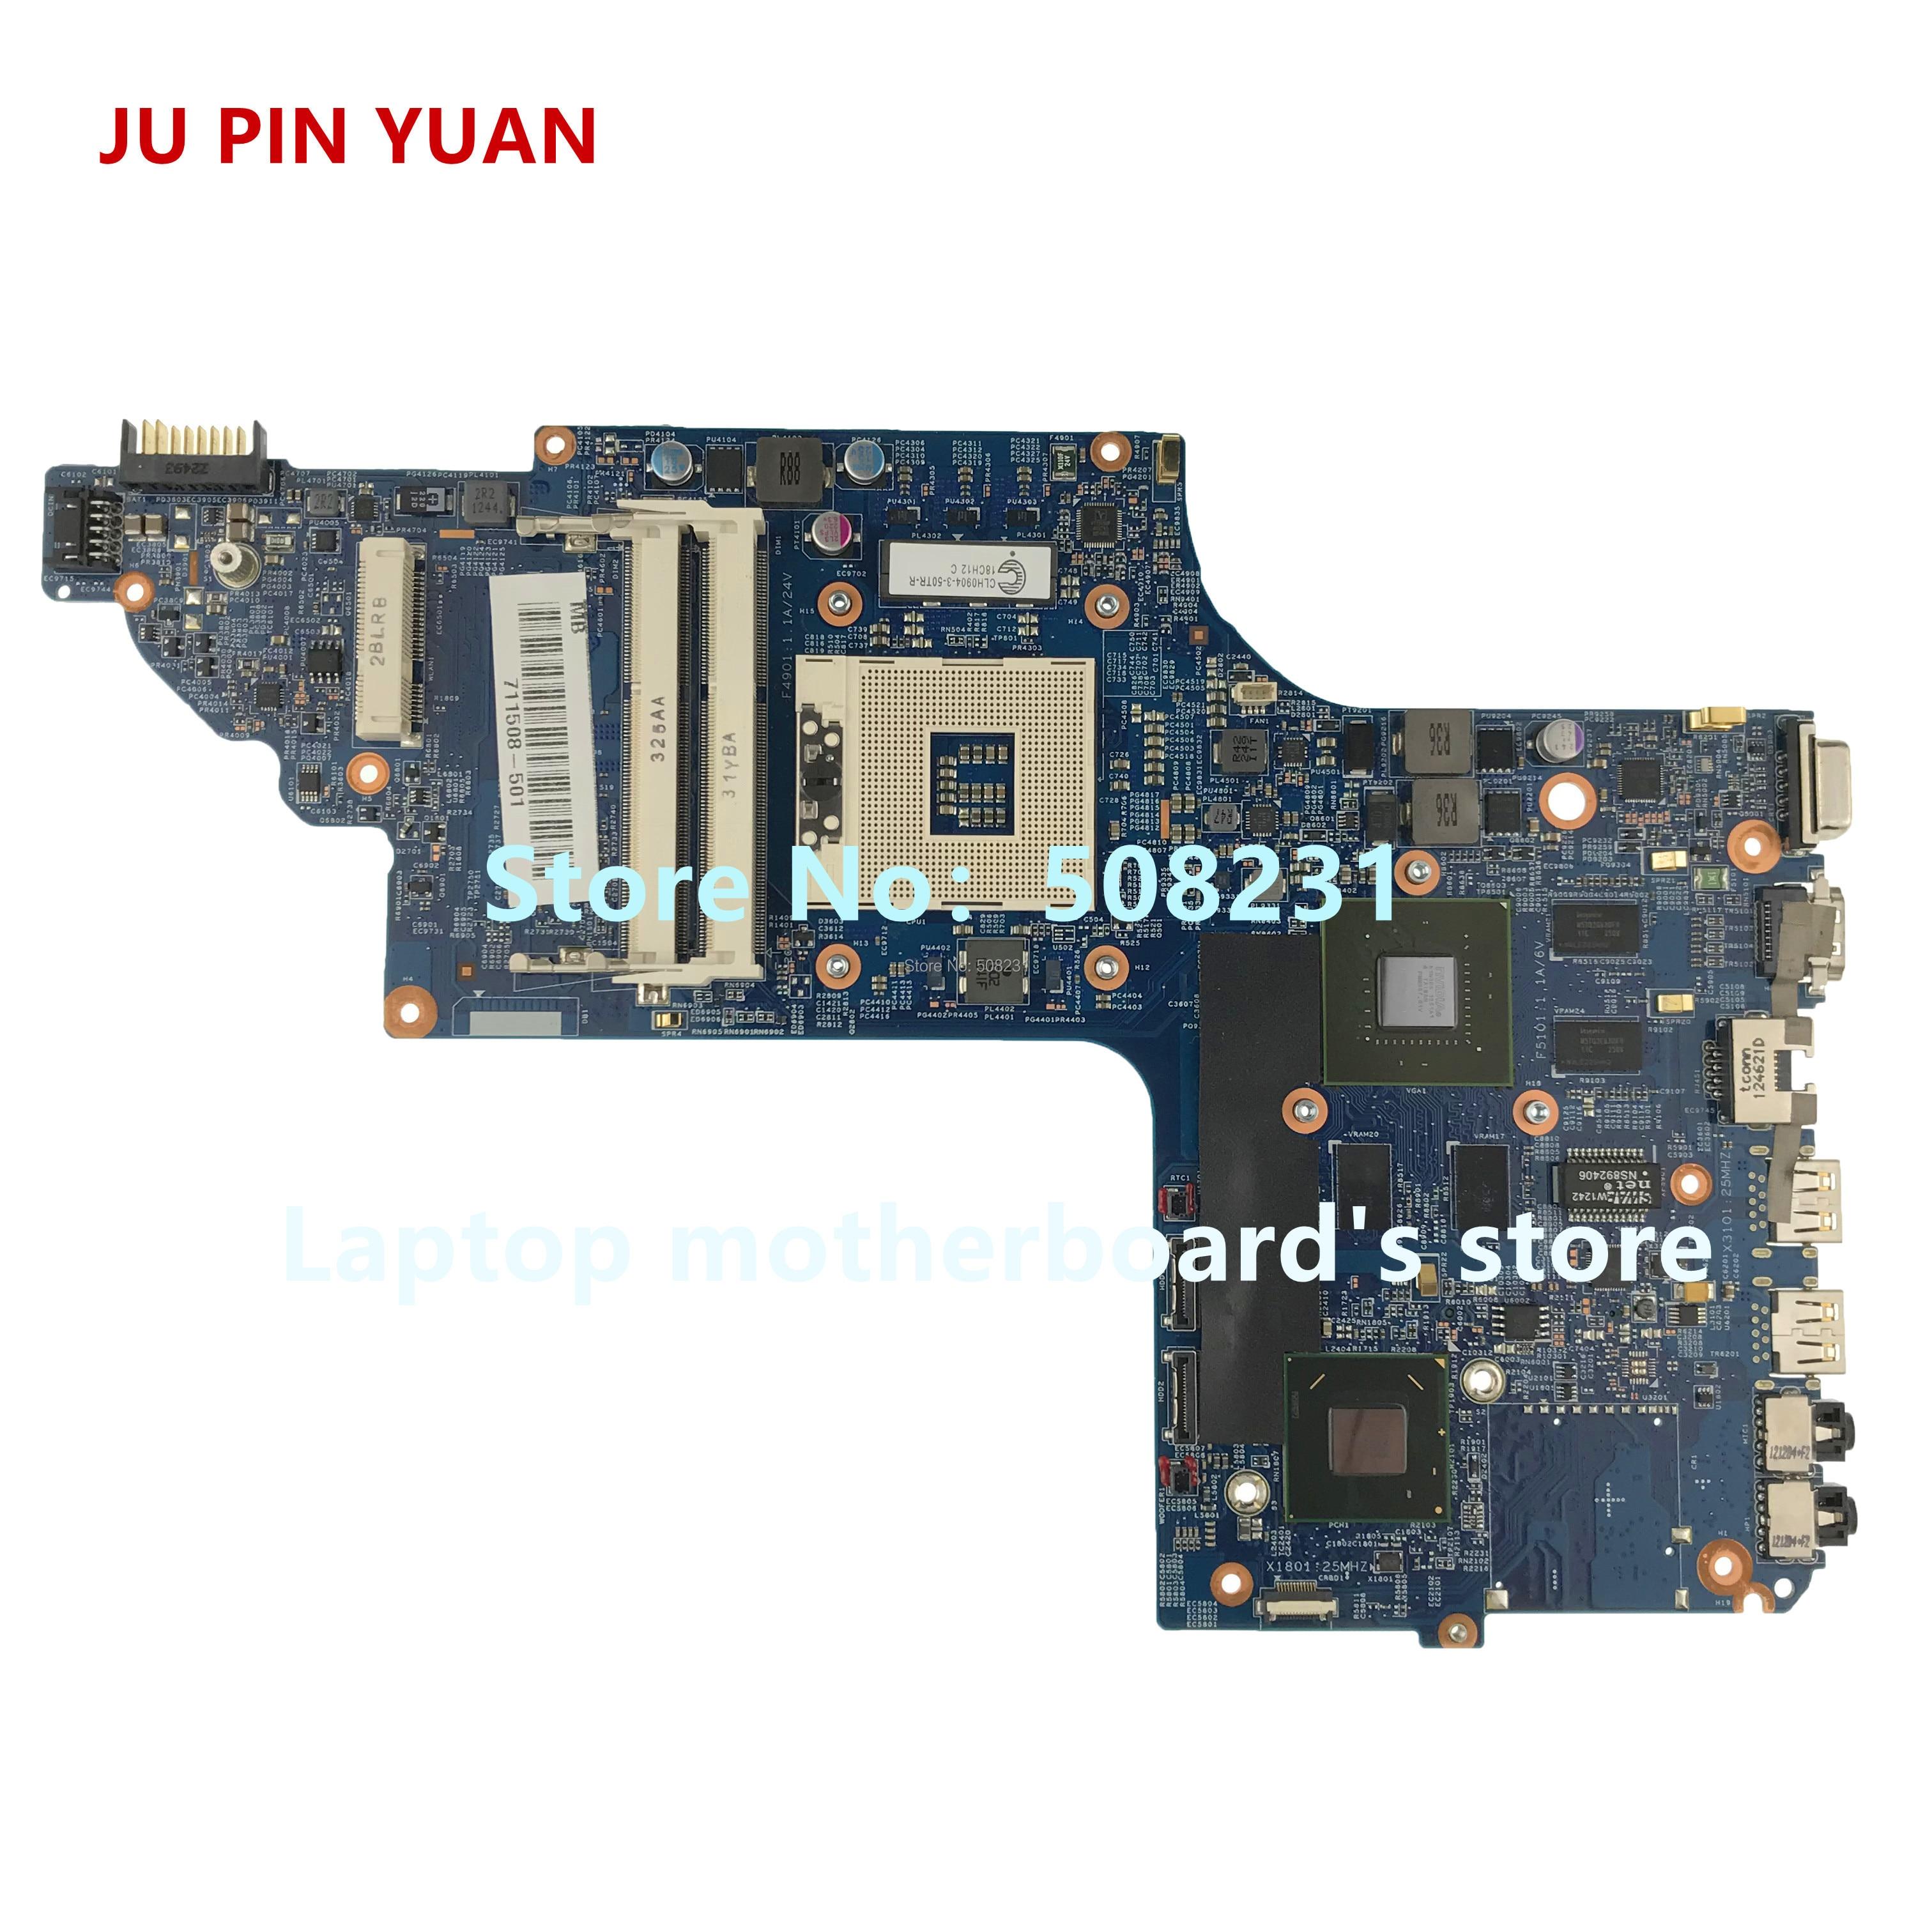 JU PIN YUAN 711508-001 711508-501 pour HP DV7 DV7T DV7-7000 carte mère d'ordinateur portable entièrement testé